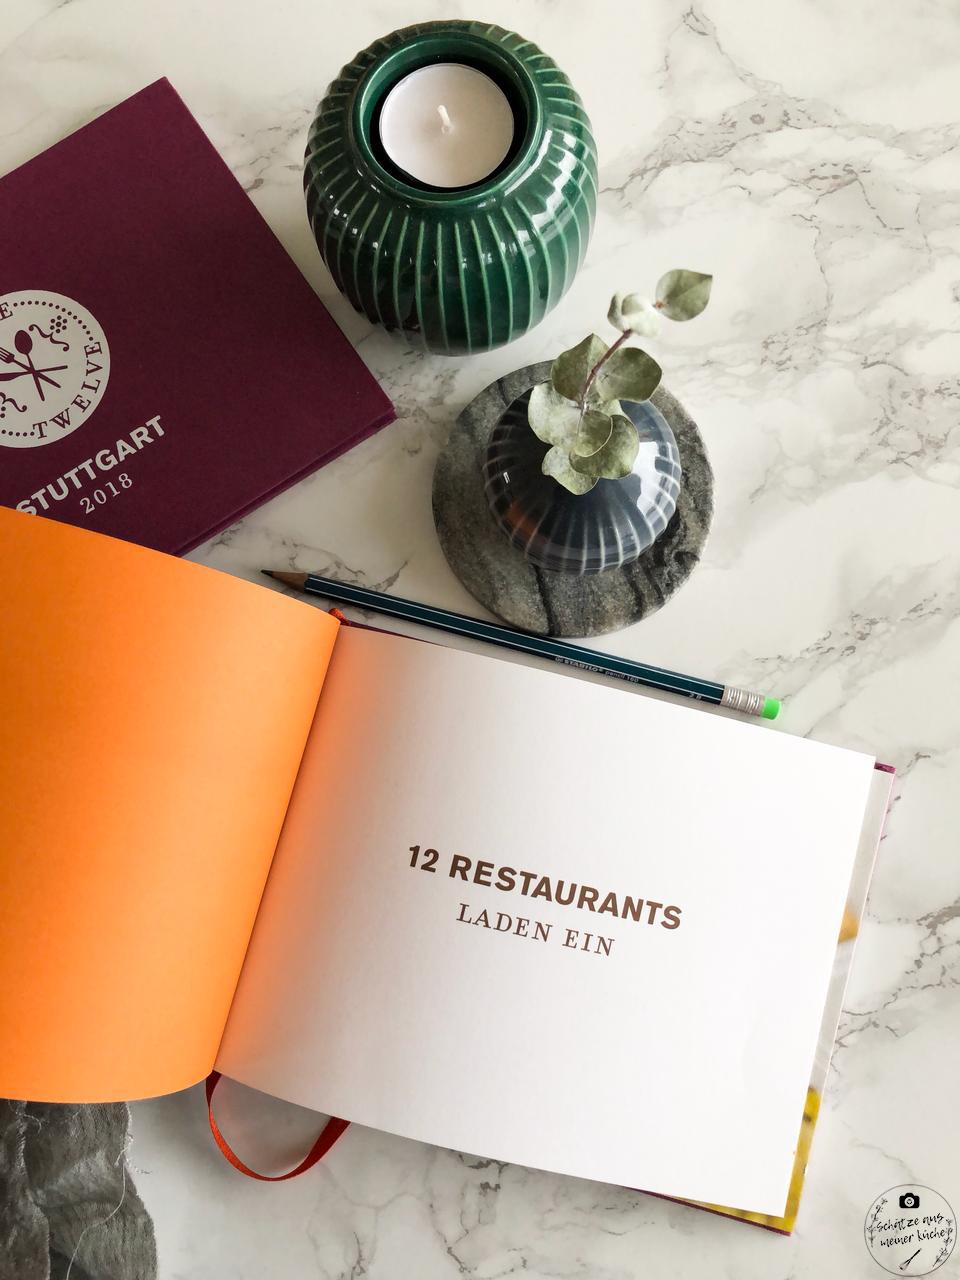 TasteTwelve München Stuttgart 12 Restaurants laden ein